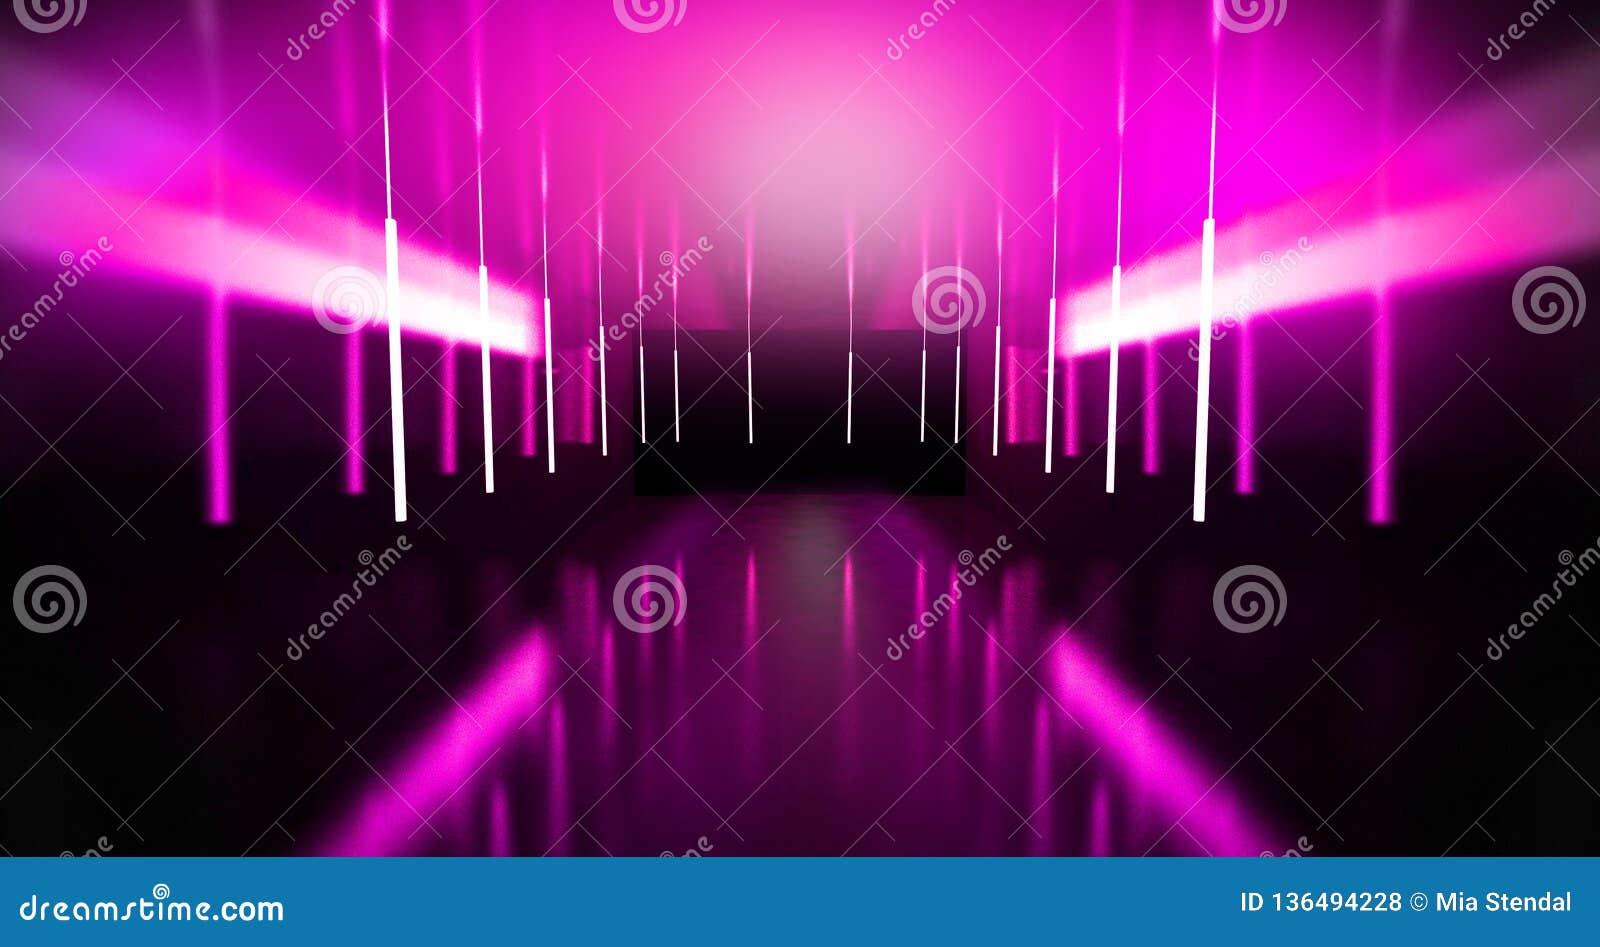 Svart tunnel, svart glans, neonlampor som hänger från taket, reflekterat i väggarna och golvet Nattsikt av korridoren